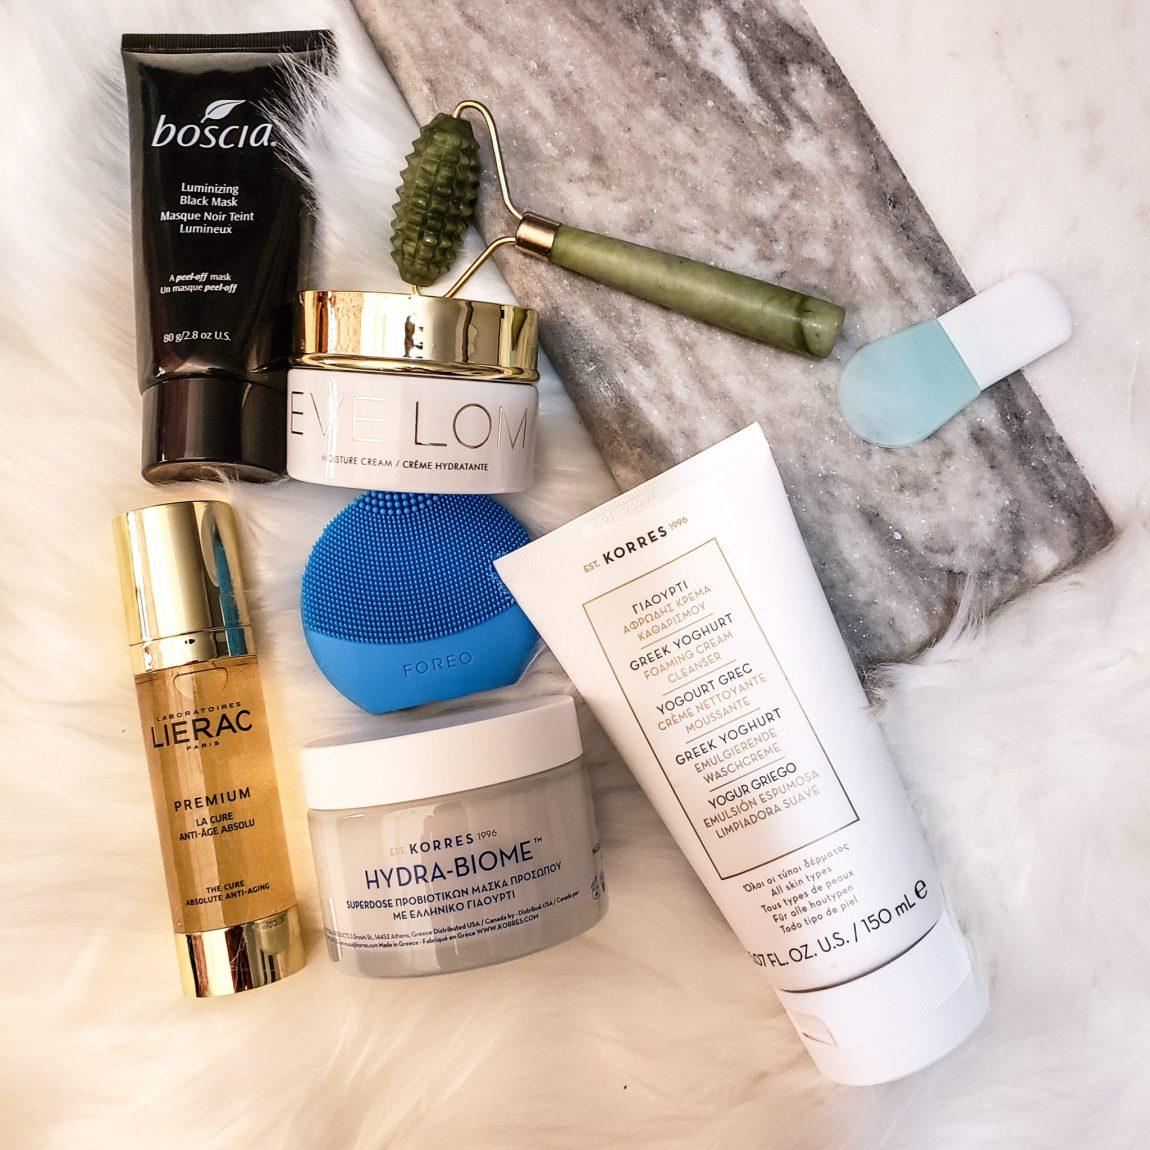 Skincare - Shopper's Drug Mart